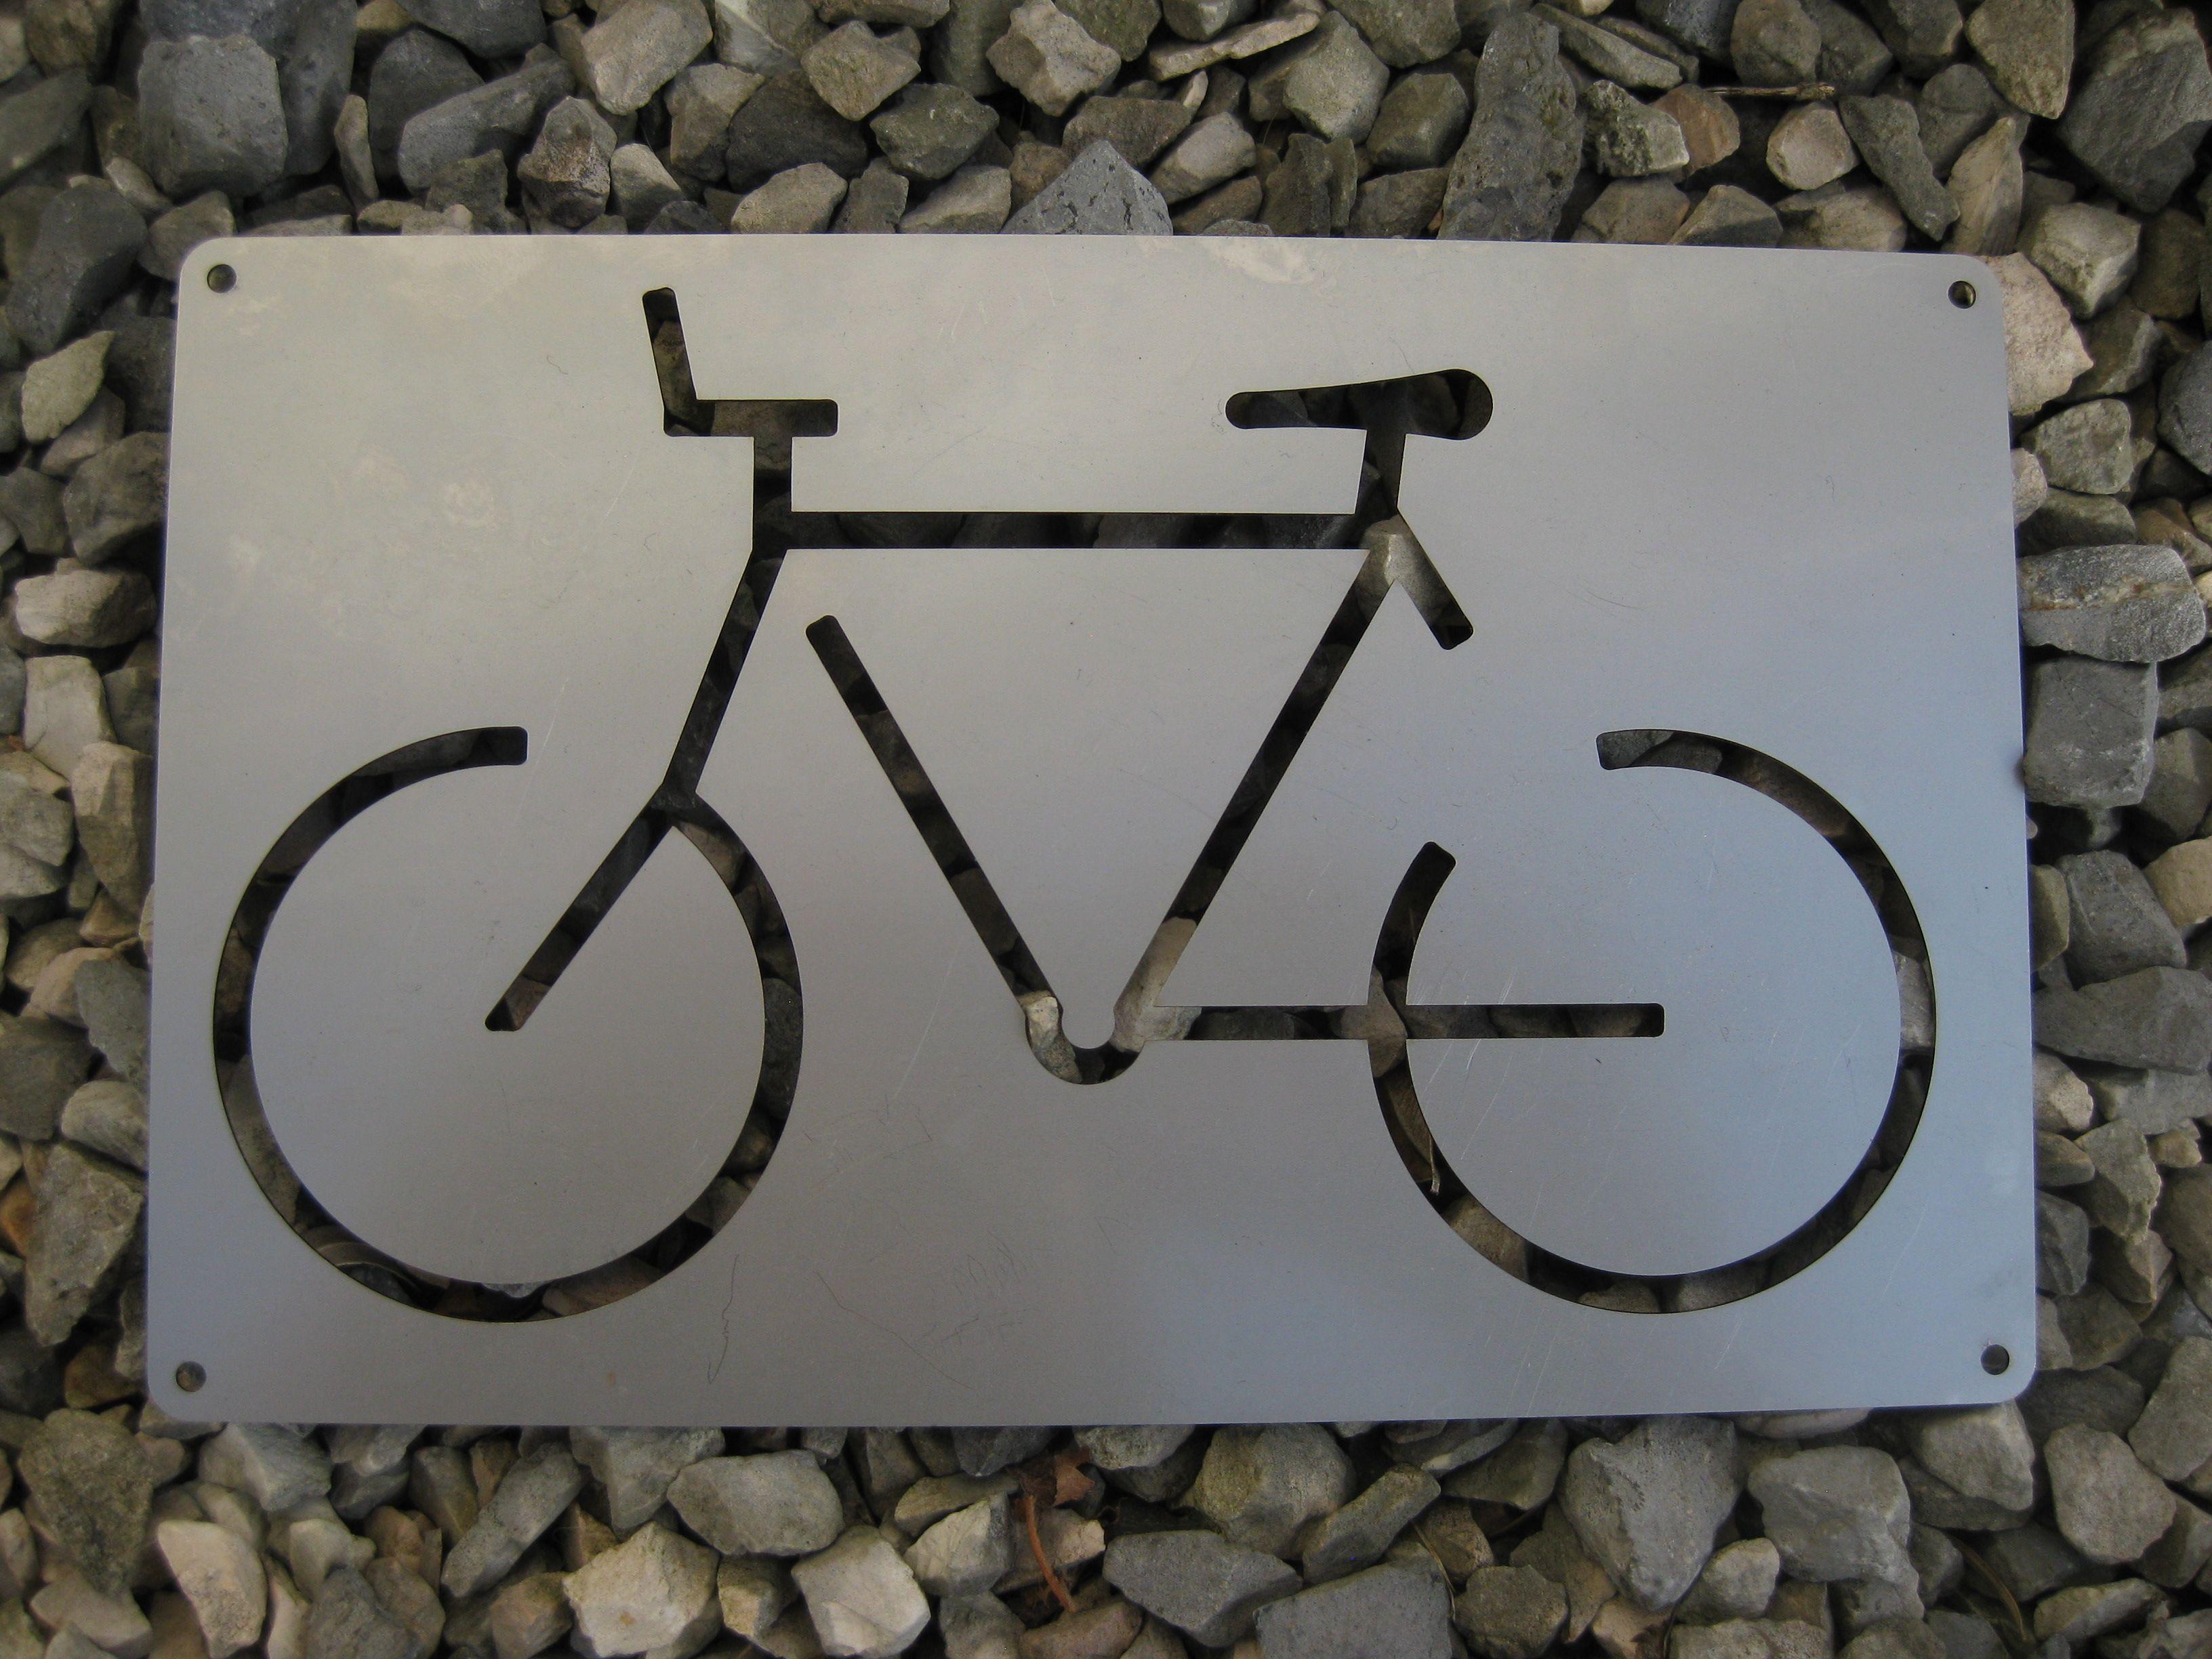 Fahrrad Schild Aus Edelstahl Gelasert Ab Jetzt Ist Der Platz Fur Das Fahrrad Reserviert Fahrrad Schild Schilder Fahrrad